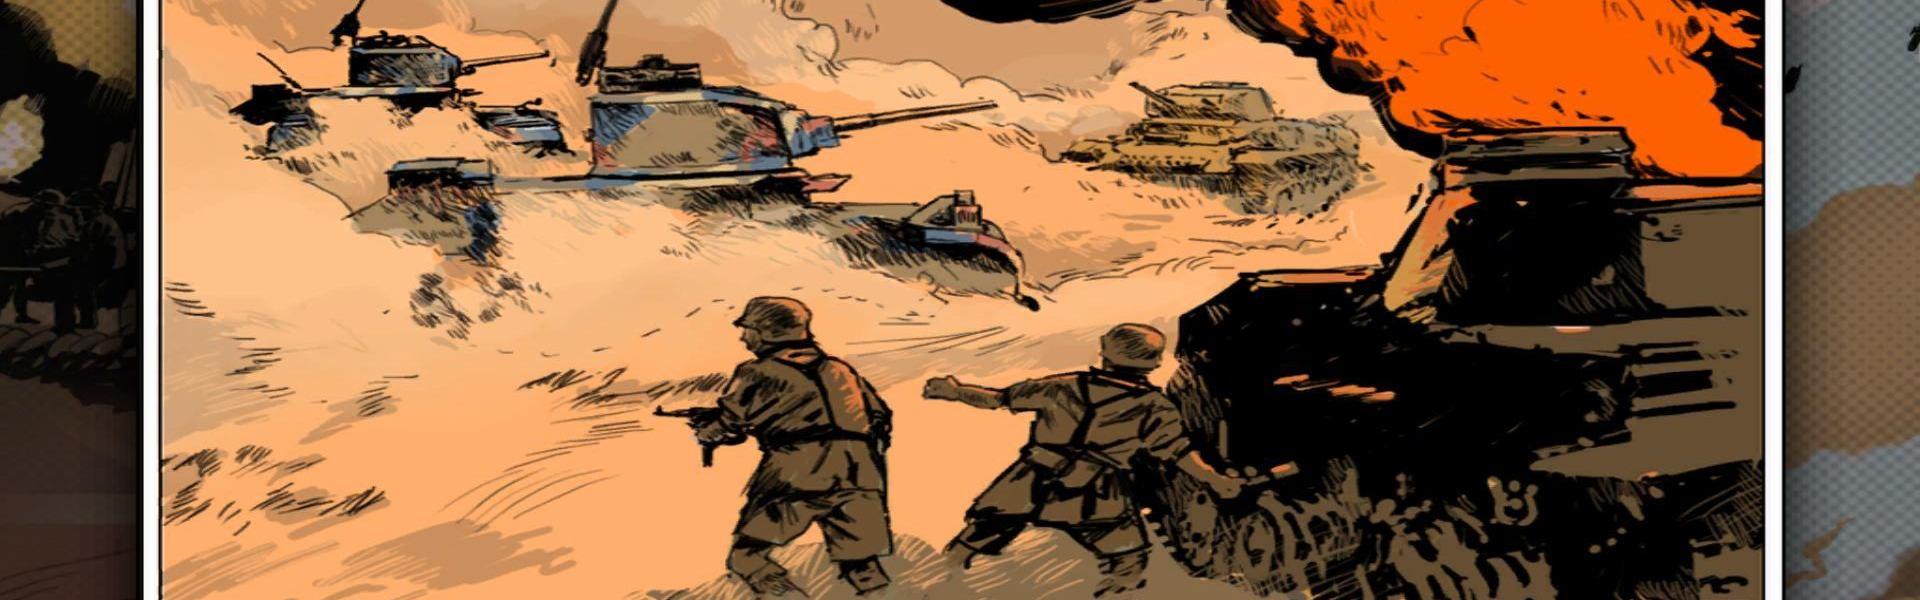 Battle Academy - Fortress Metz (DLC) Steam Key GLOBAL